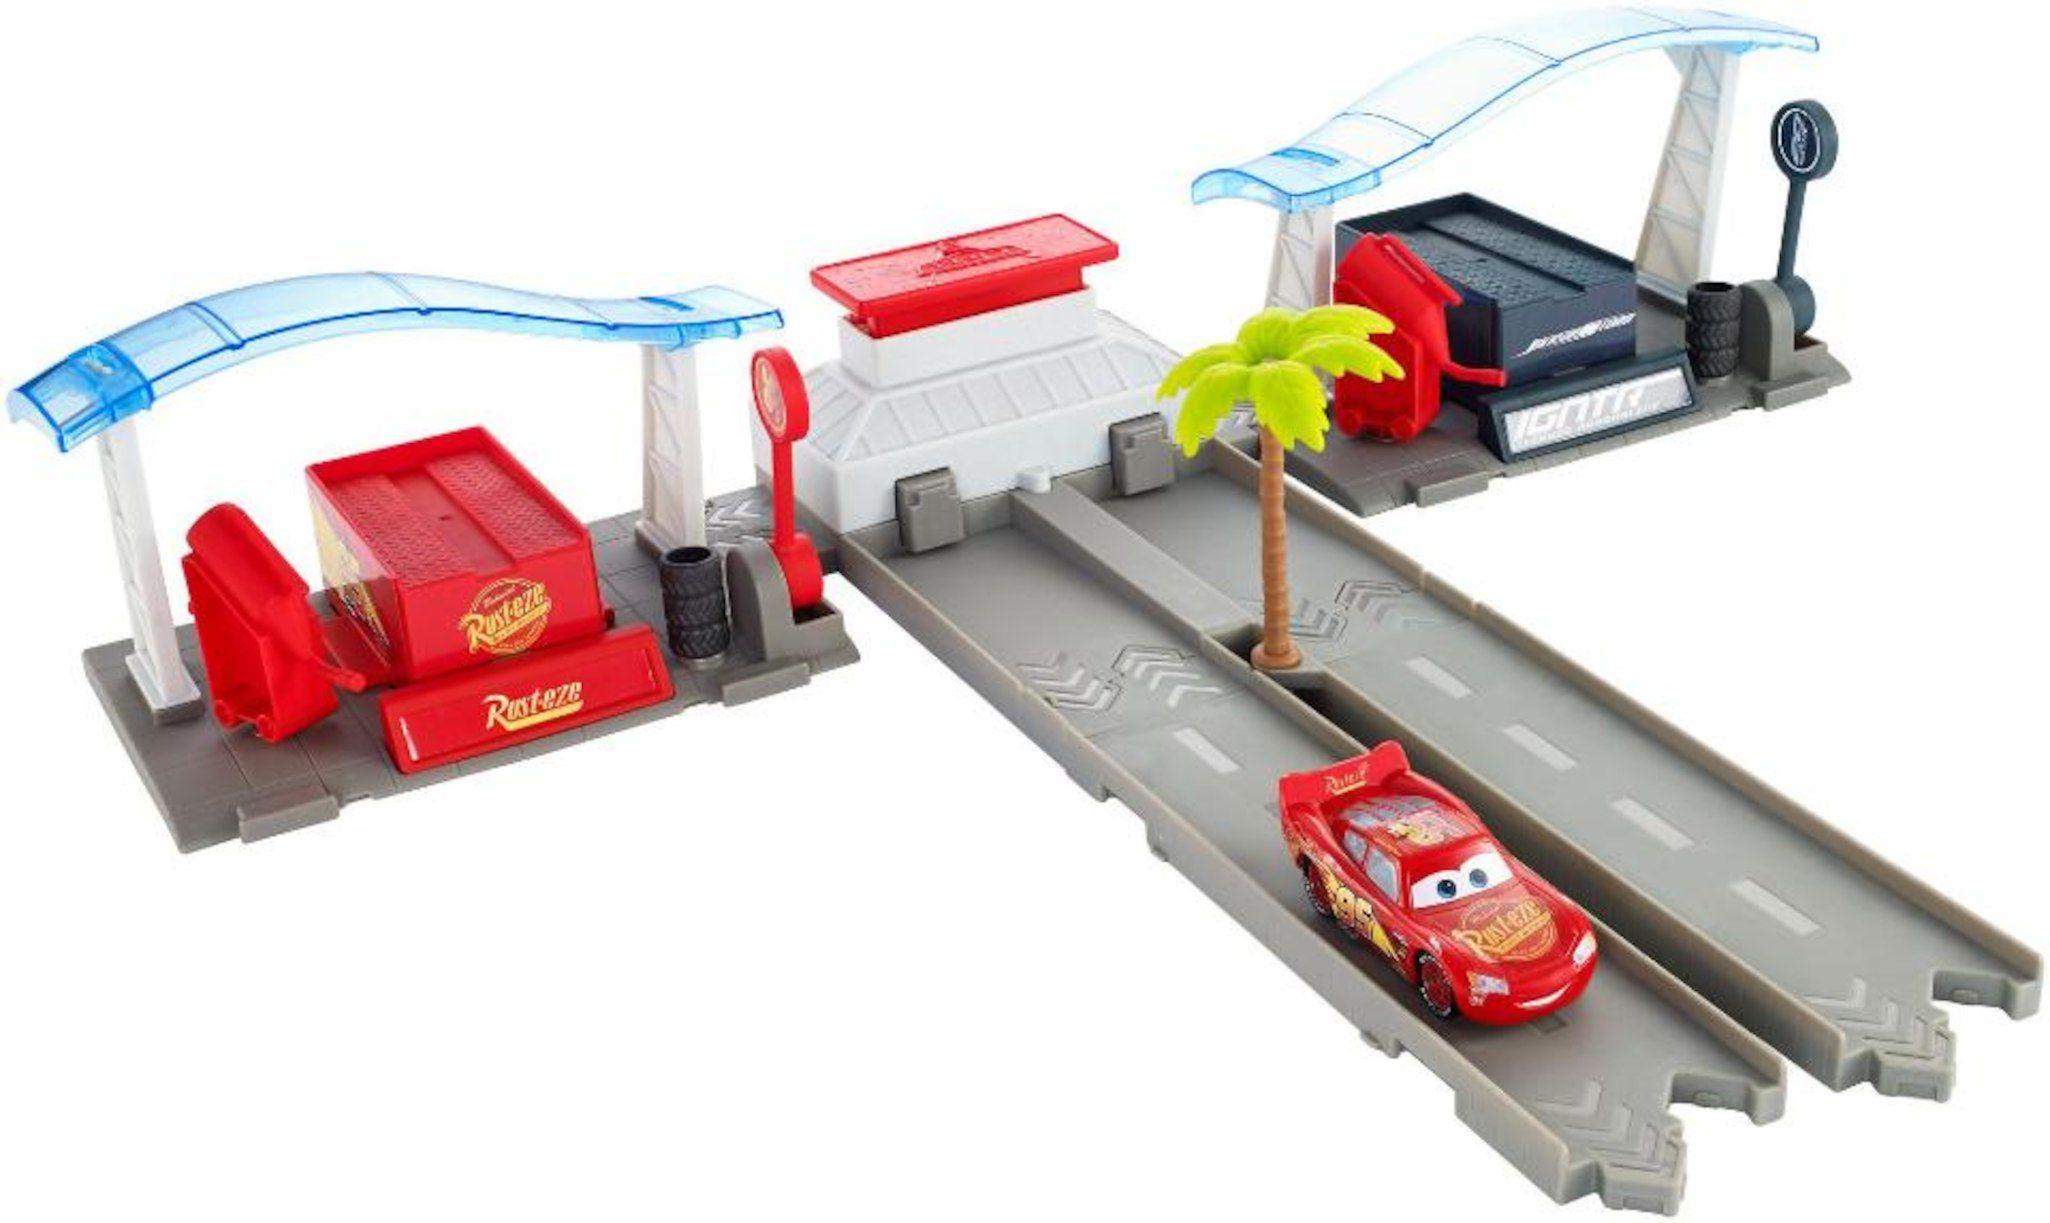 Disney Pixar Cars 3 Florida Speedway Pit Stop Playset | Holidays ...